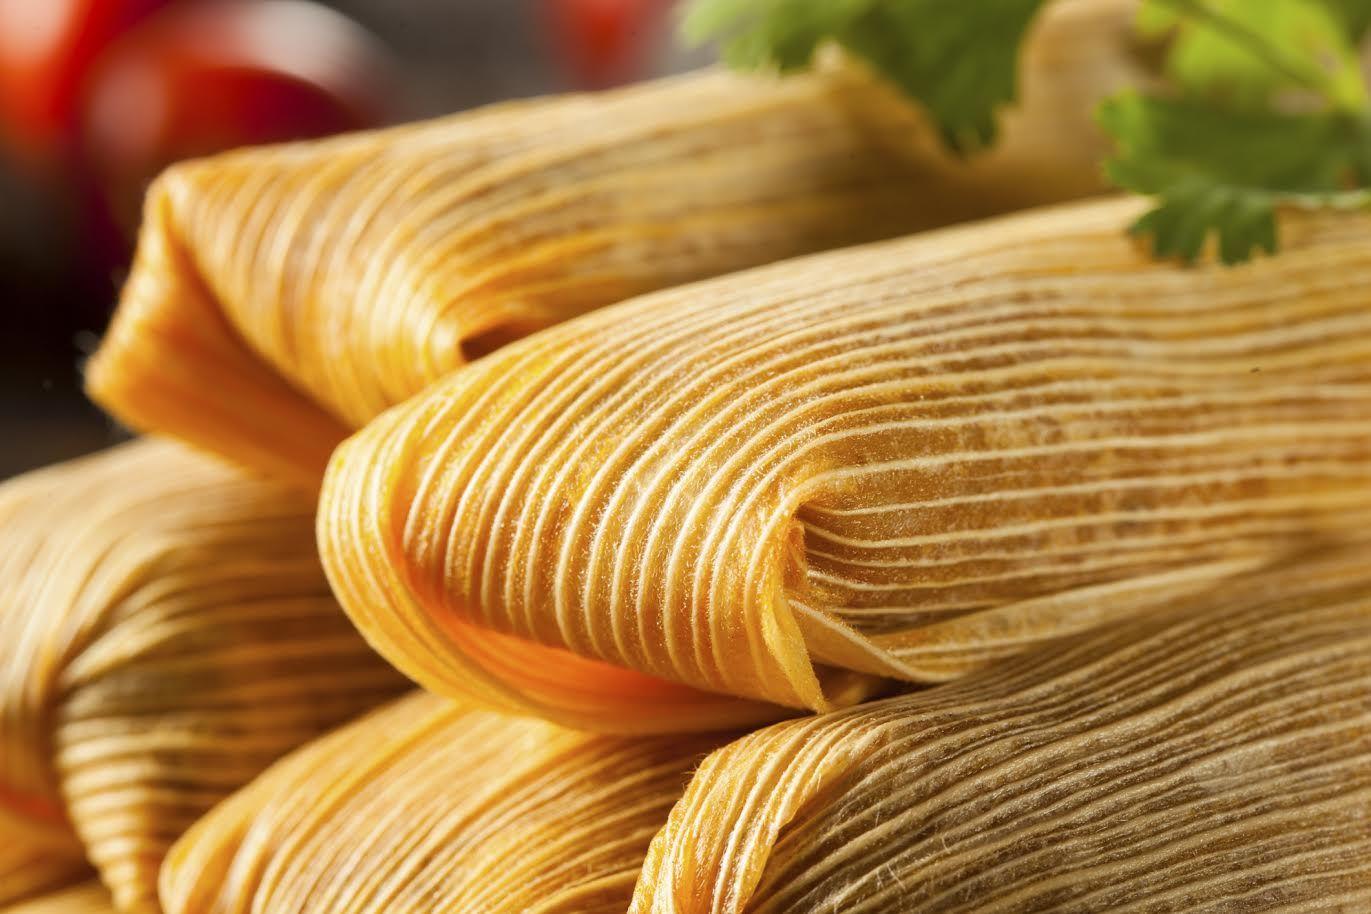 ¿Creés saber de comidas? Adiviná de qué país son estos platos latinoamericanos